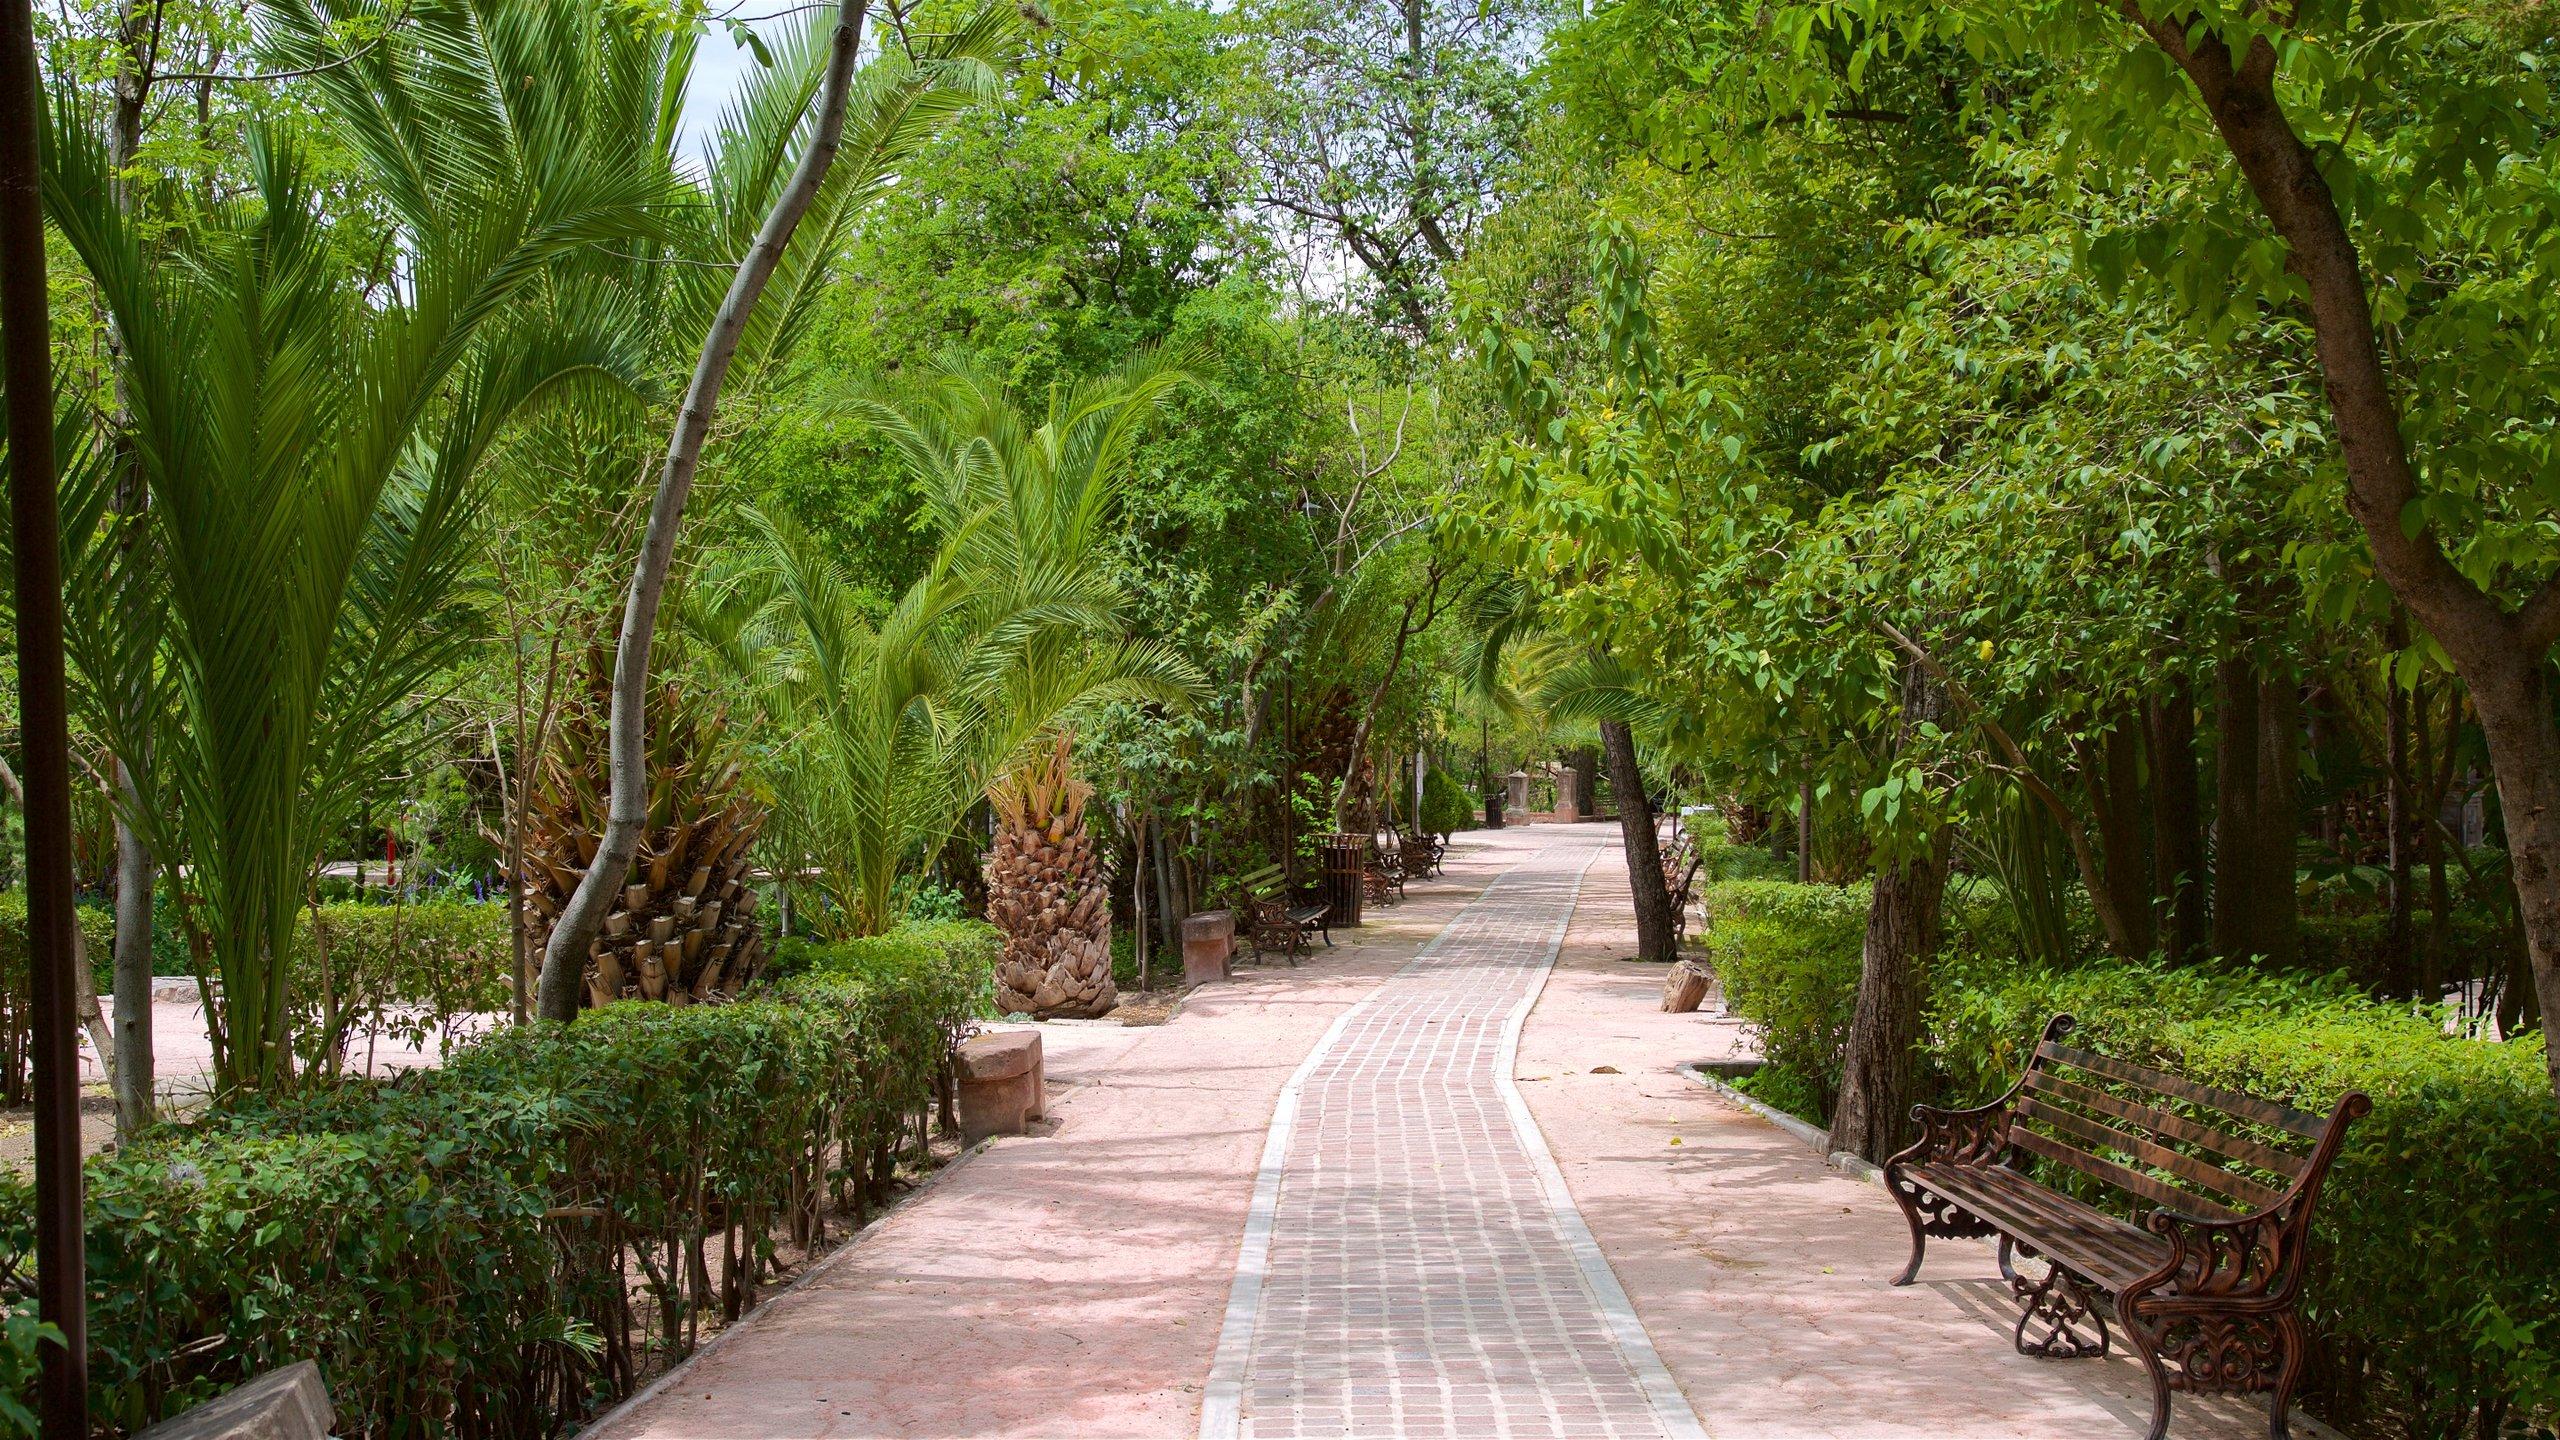 Parque Juárez, San Miguel de Allende, Guanajuato, Mexico